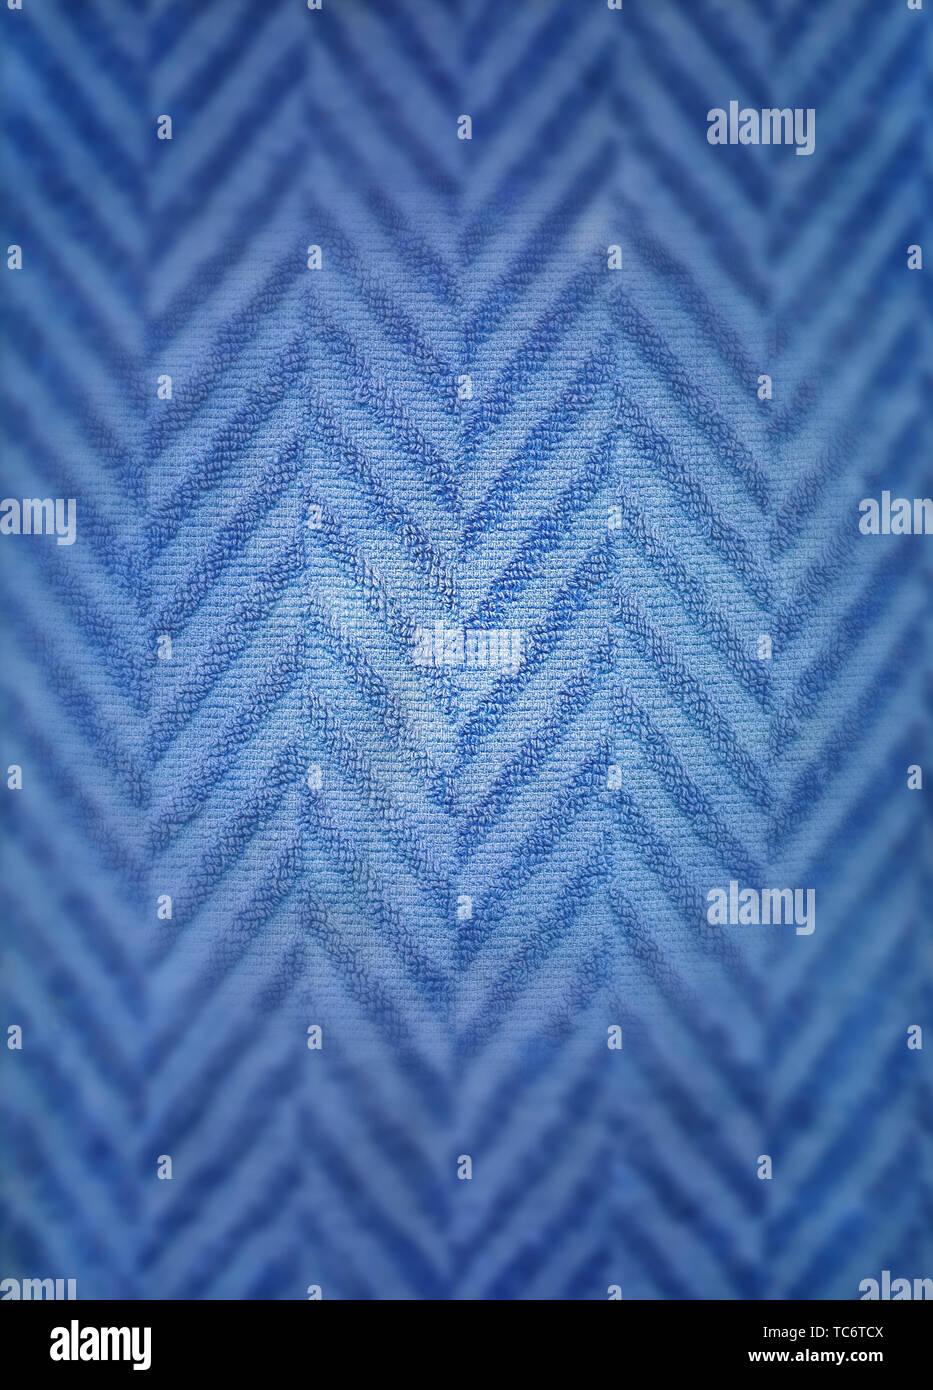 Struktur eines blauen Handtuch, Struktur des blauen Handtuchs Stockbild